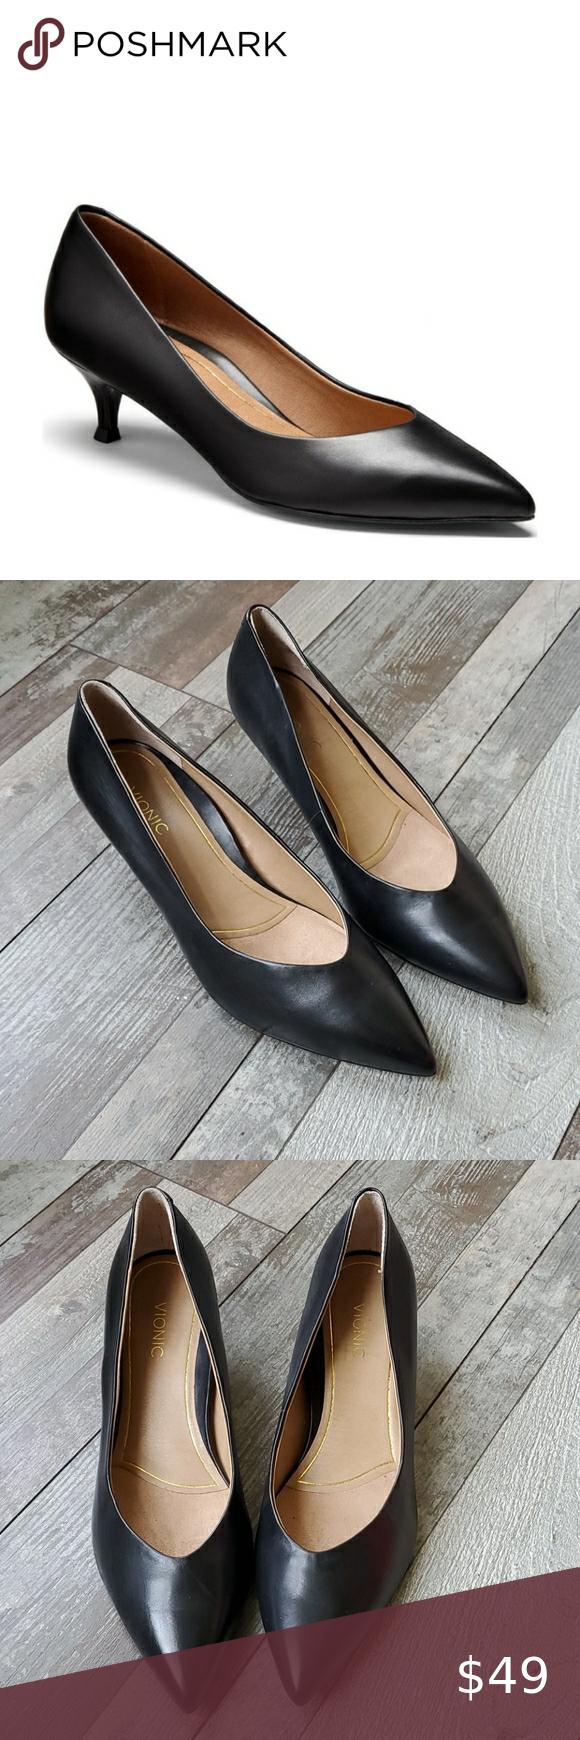 Vionic Josie Kitten Heels In Black Size 8 5 In 2020 Kitten Heels Heels Shoes Women Heels